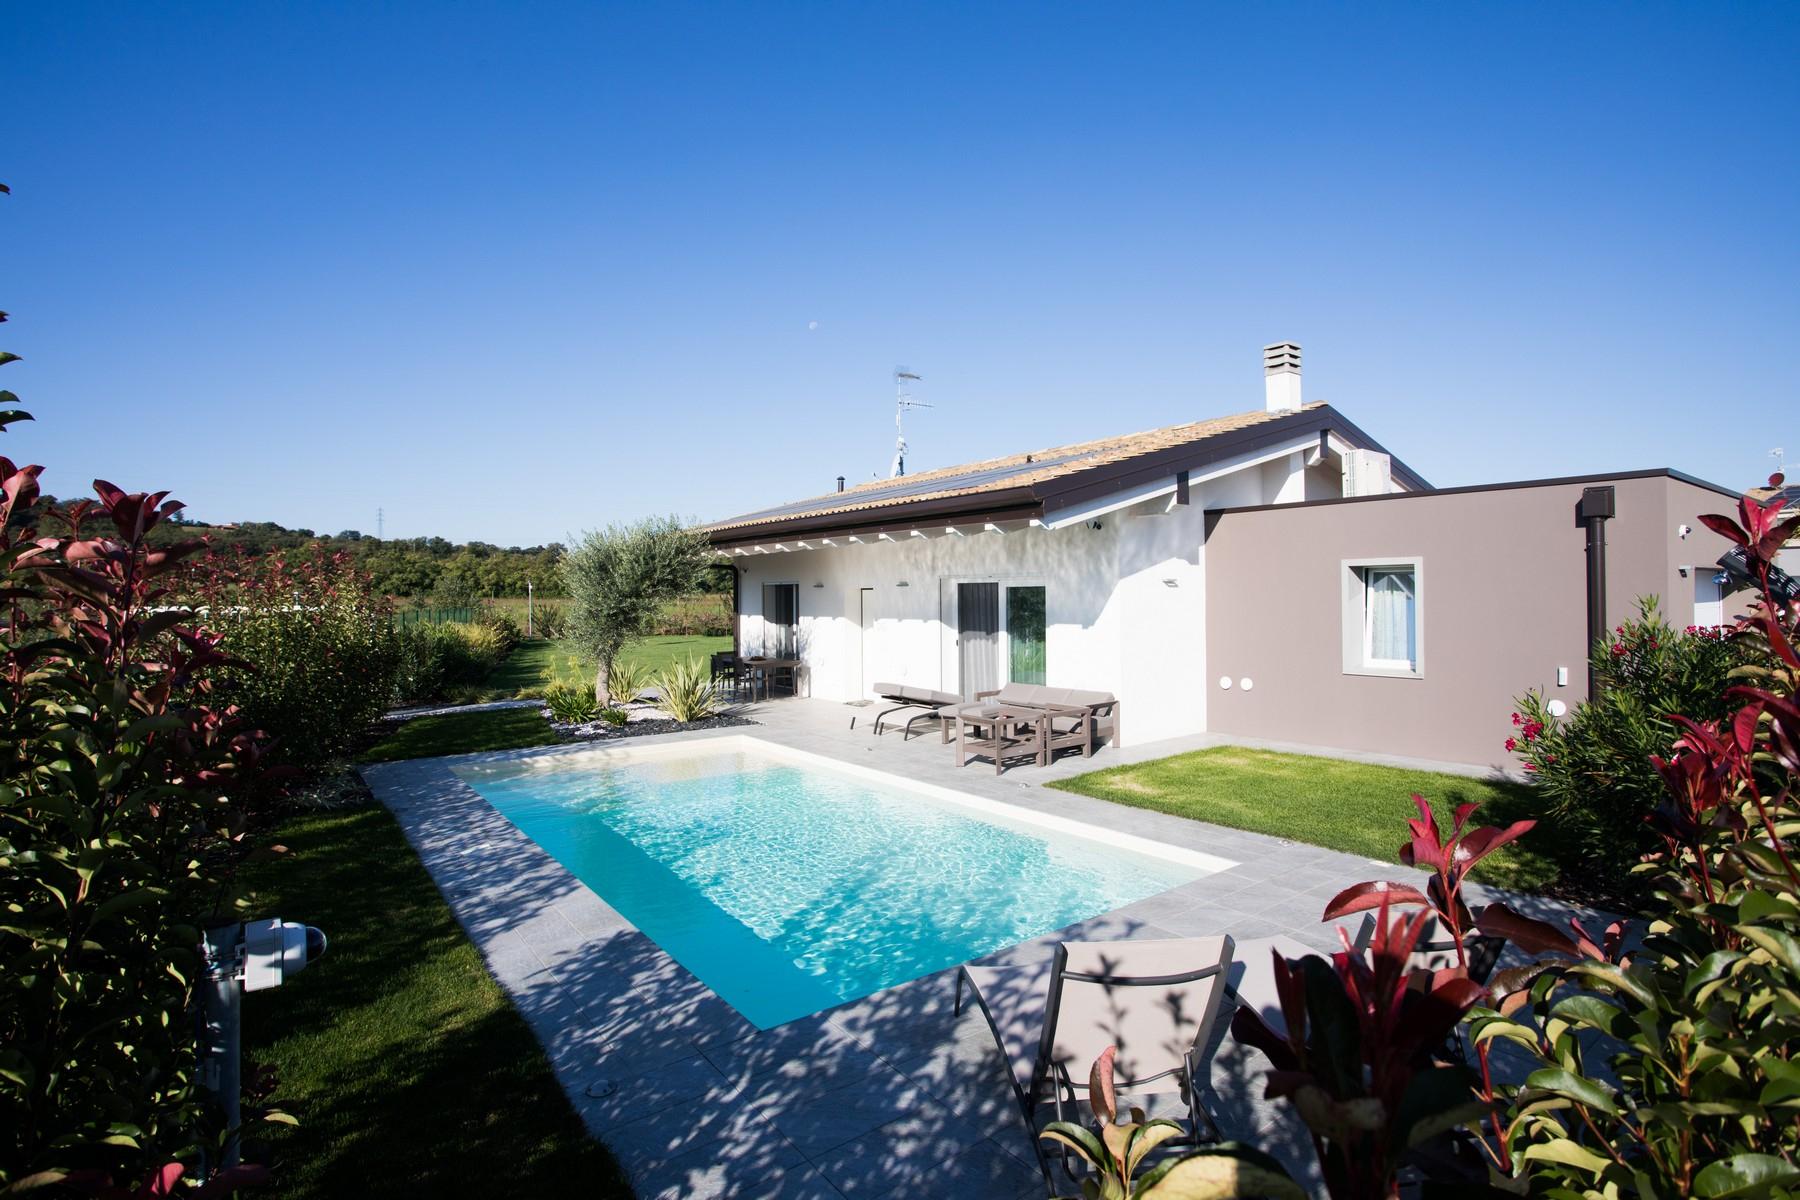 Villa in Vendita a Lonato: 5 locali, 130 mq